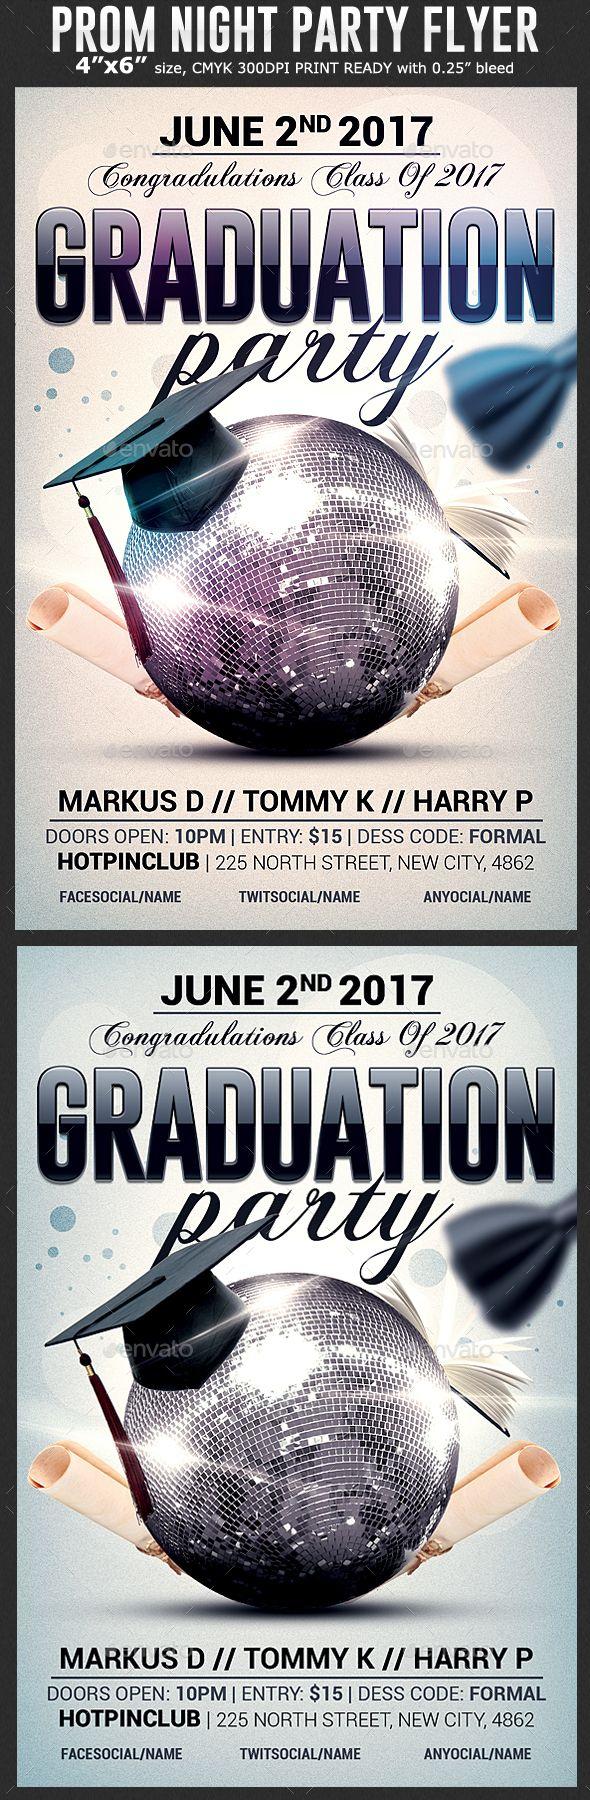 Marvelous Graduation Party Flyer Template